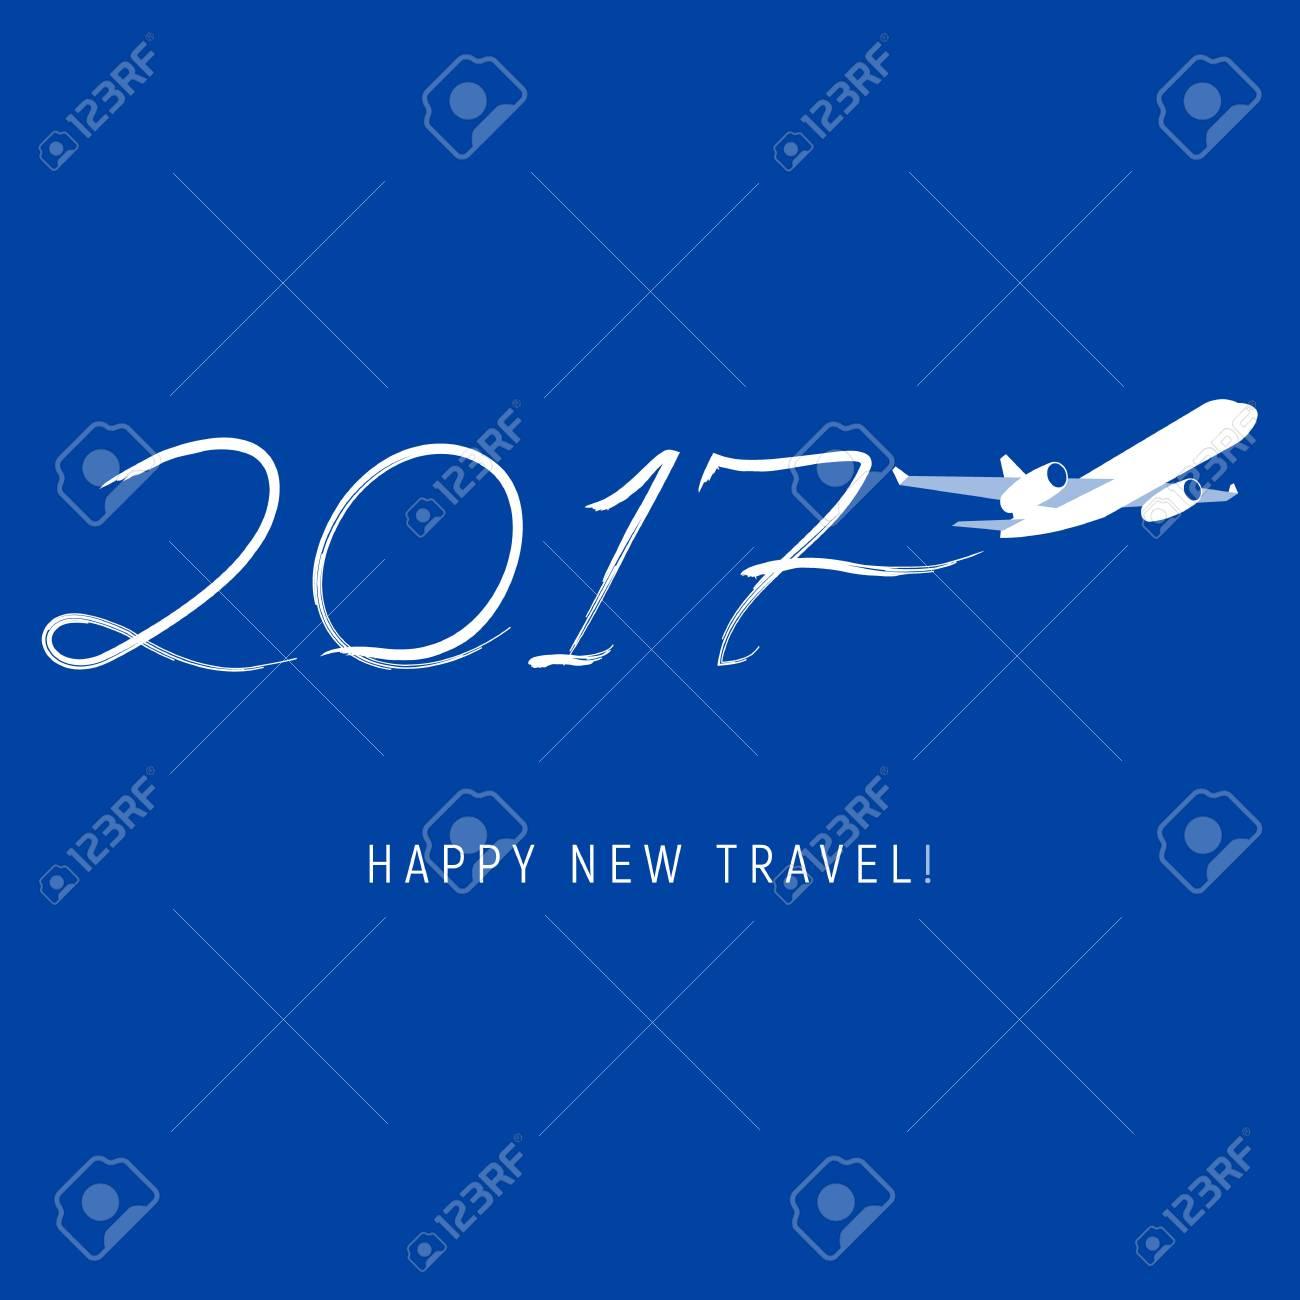 Konzept Des Neuen Jahres 2017 - Flugzeug Ließ Eine Spur In Form Von ...